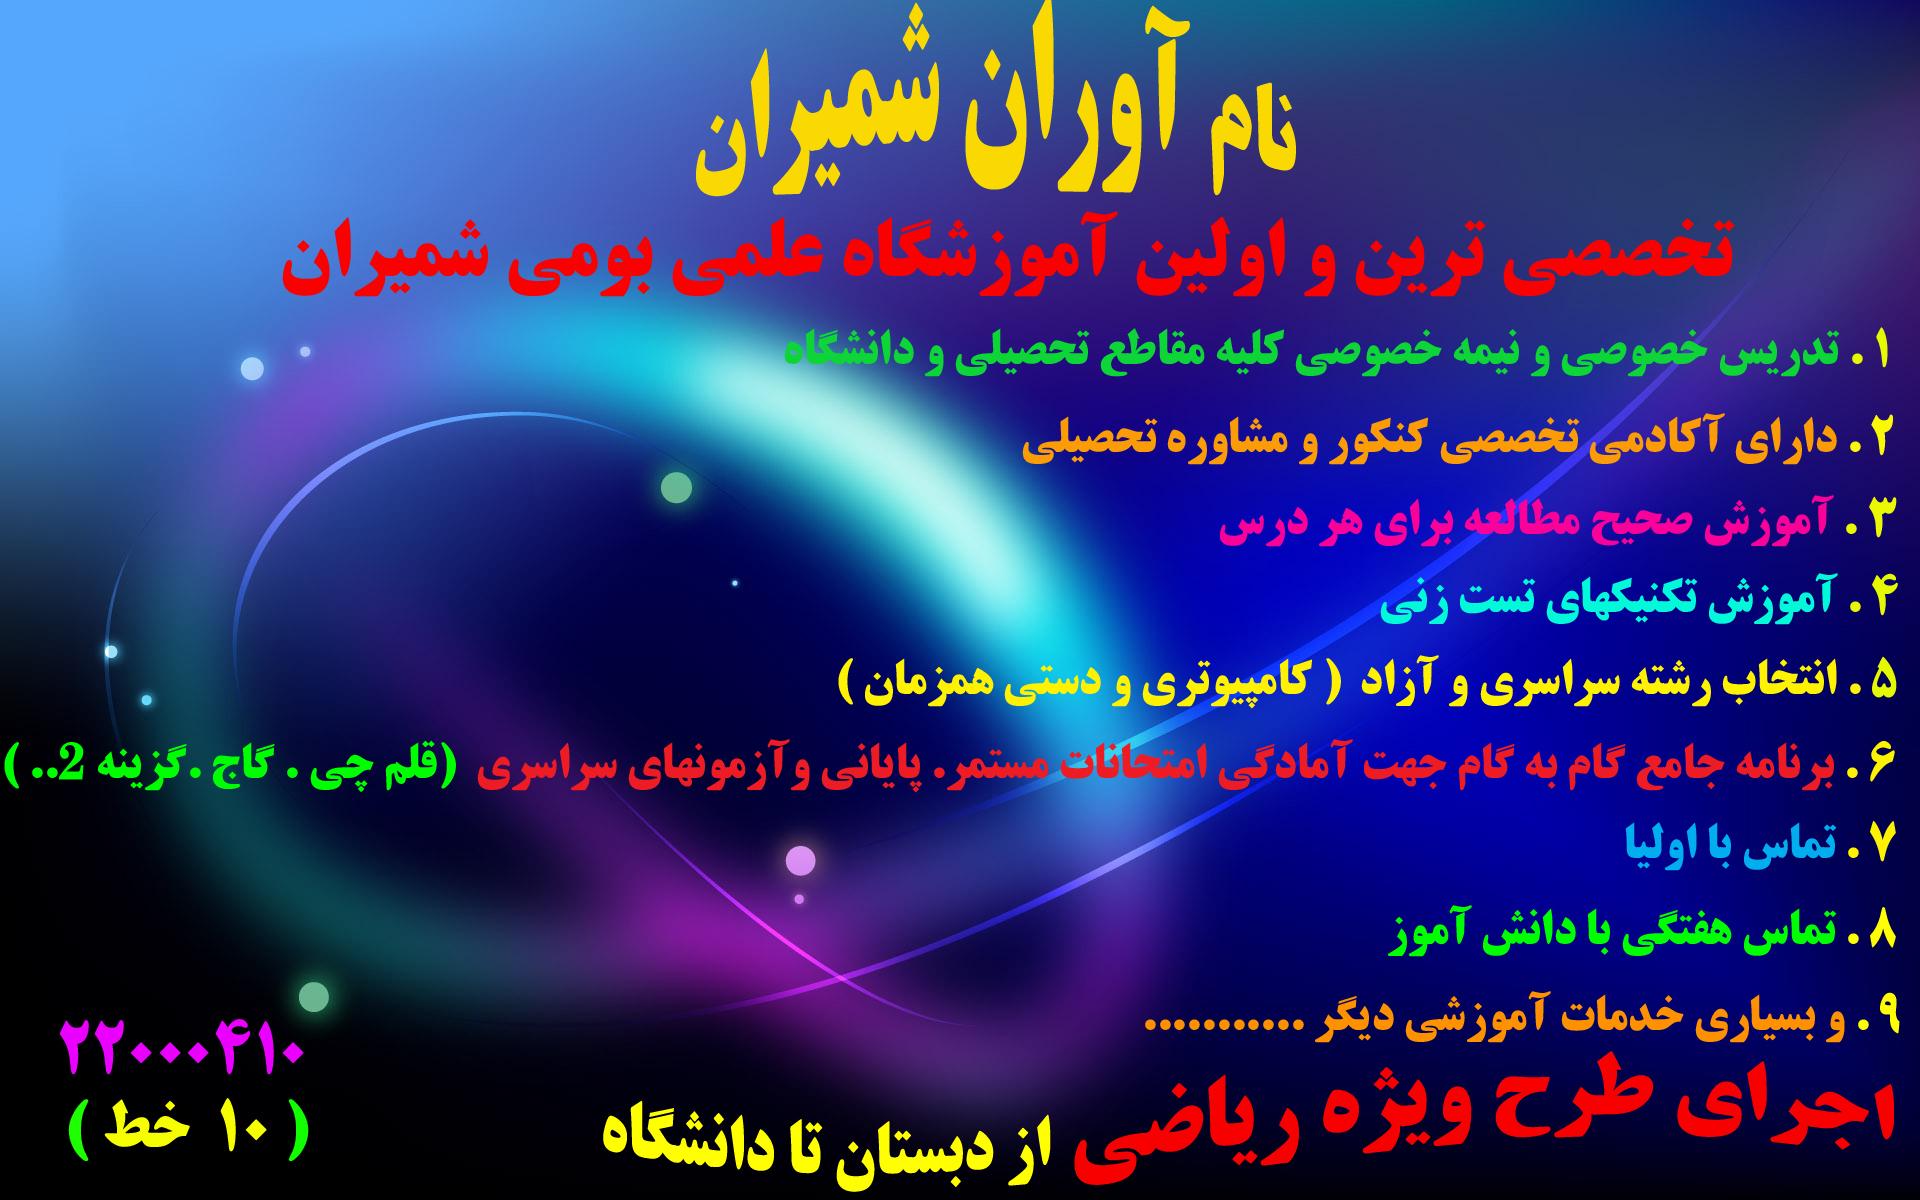 درمورد خلقت انسان به زبان عربی وترجمه فارسی دانلود-دفتر-برنامه-ریزی-درسی-دهم